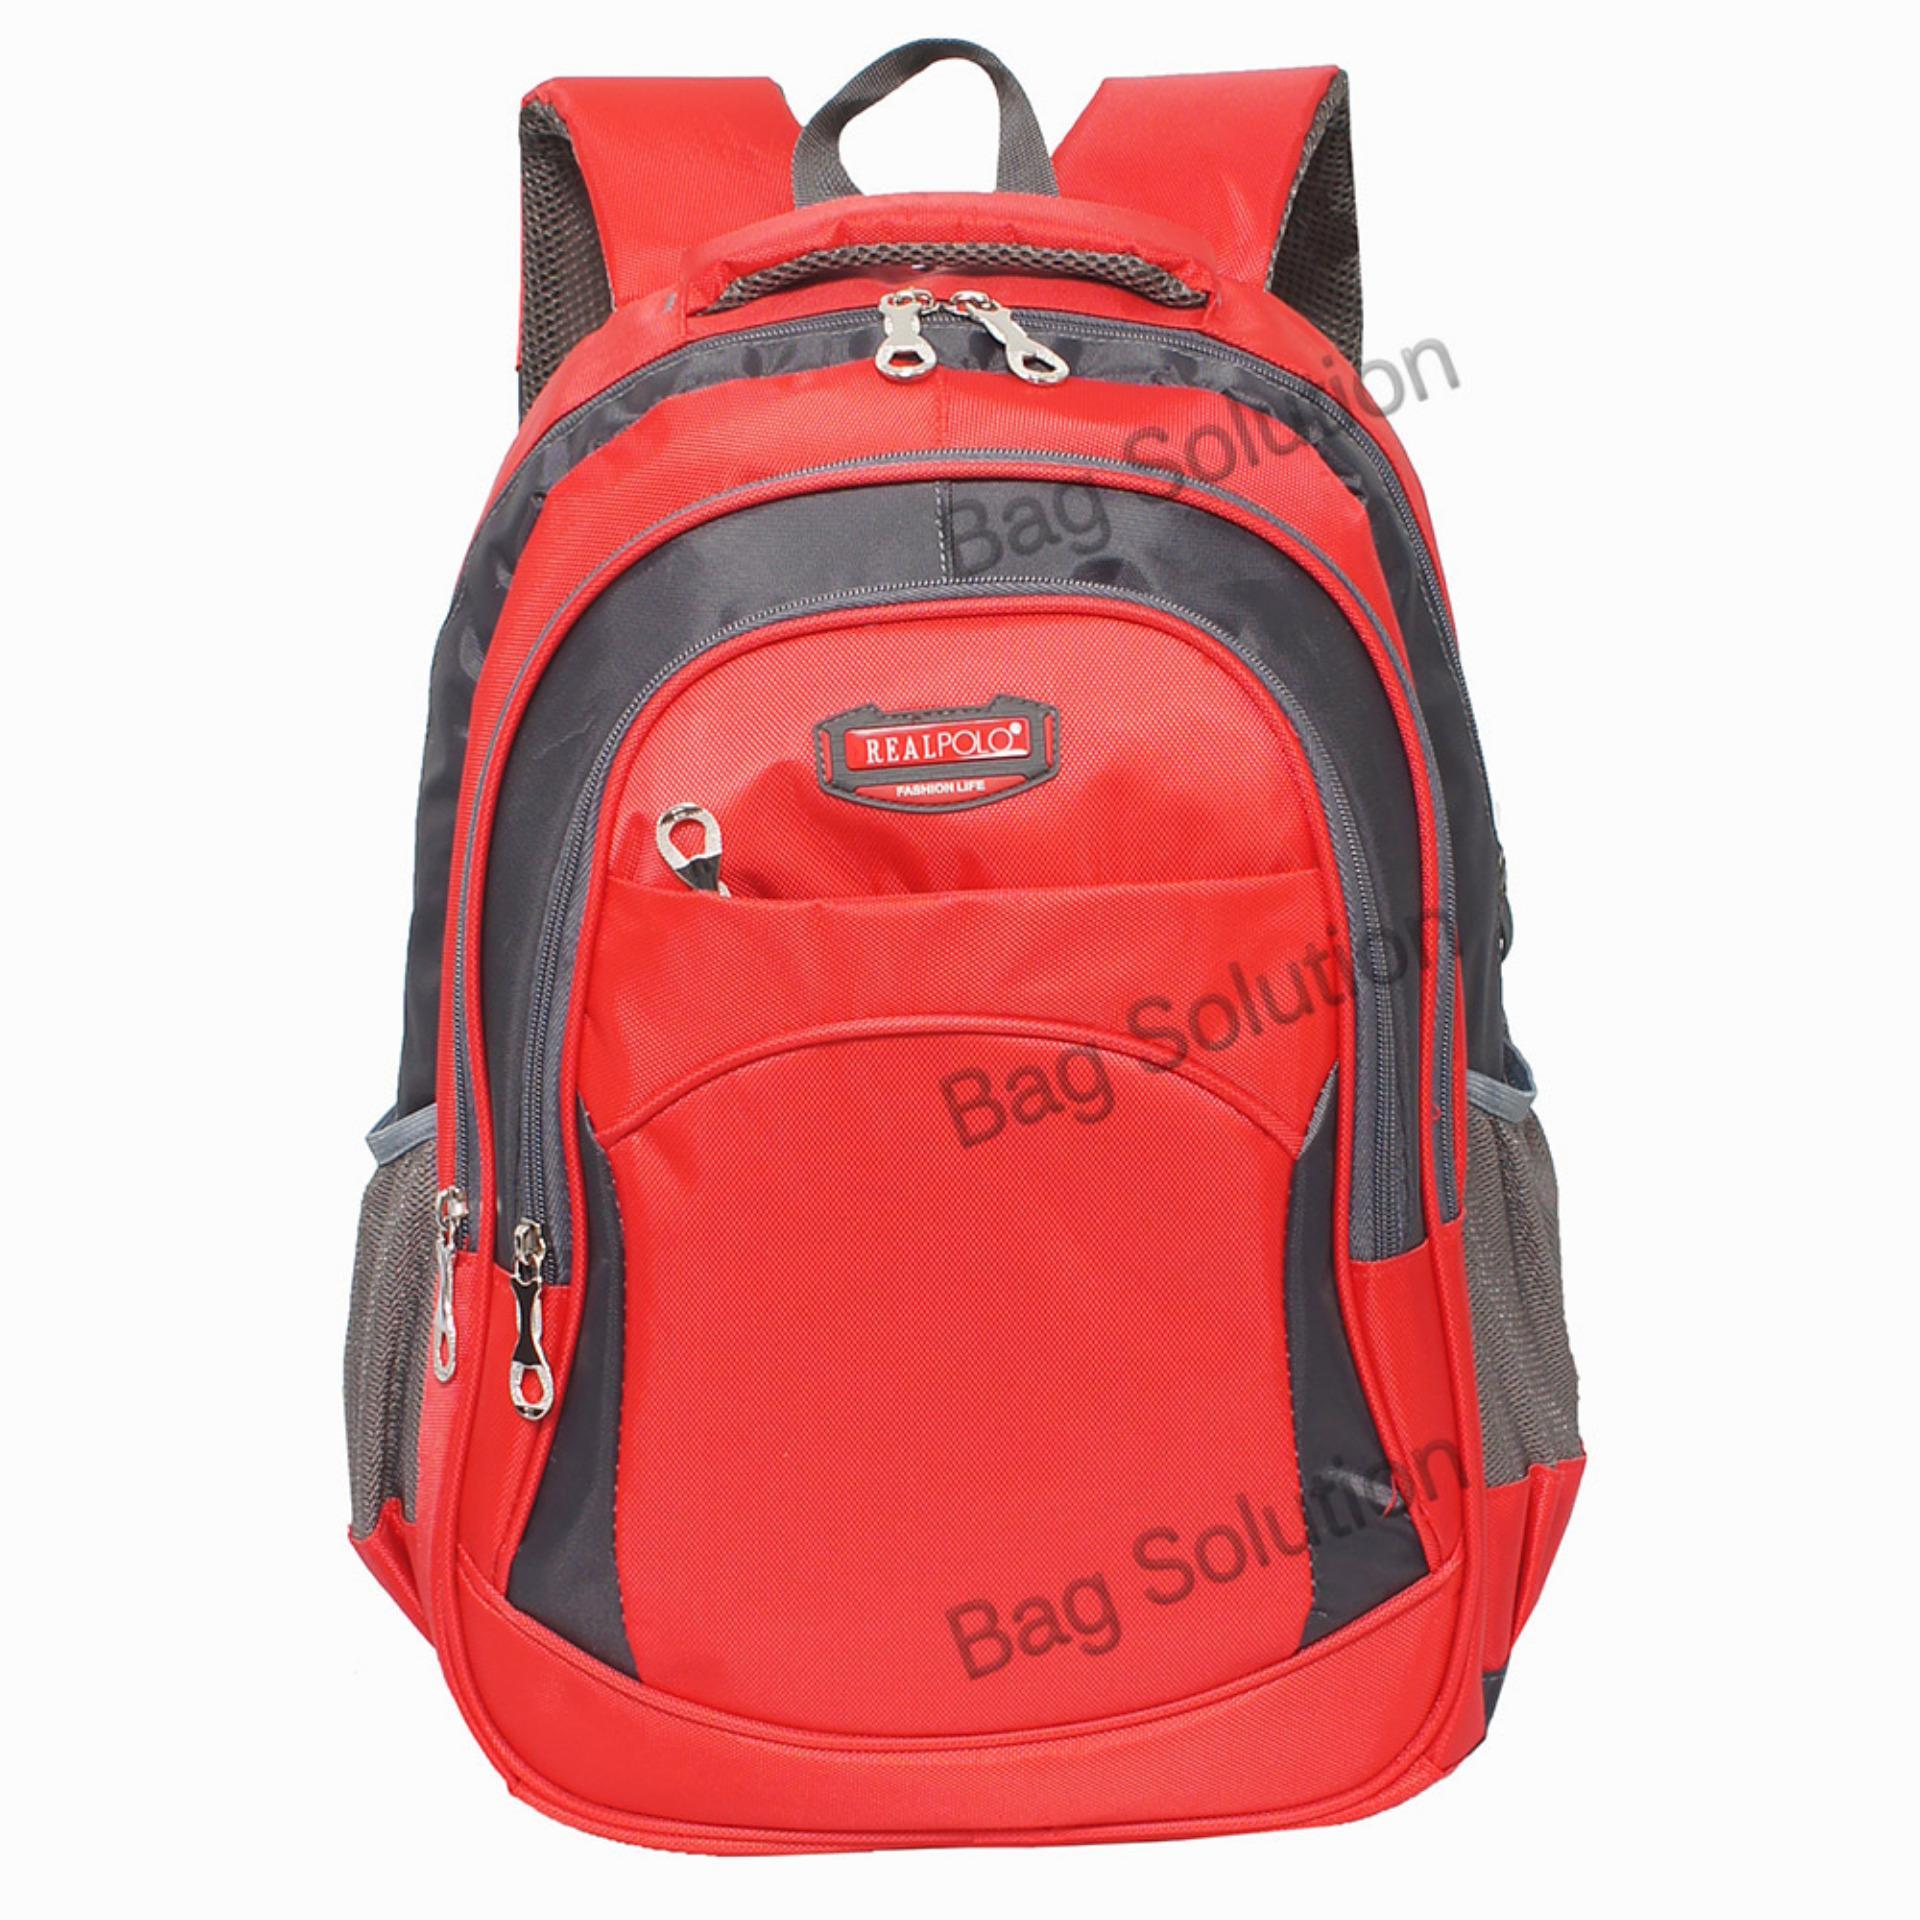 Tas Ransel Backpack Polo Milano 88118 Daftar Harga Terkini Dan Real Kasual 6363 Hijau Free Bag Cover Source 6367 Daypack Merah